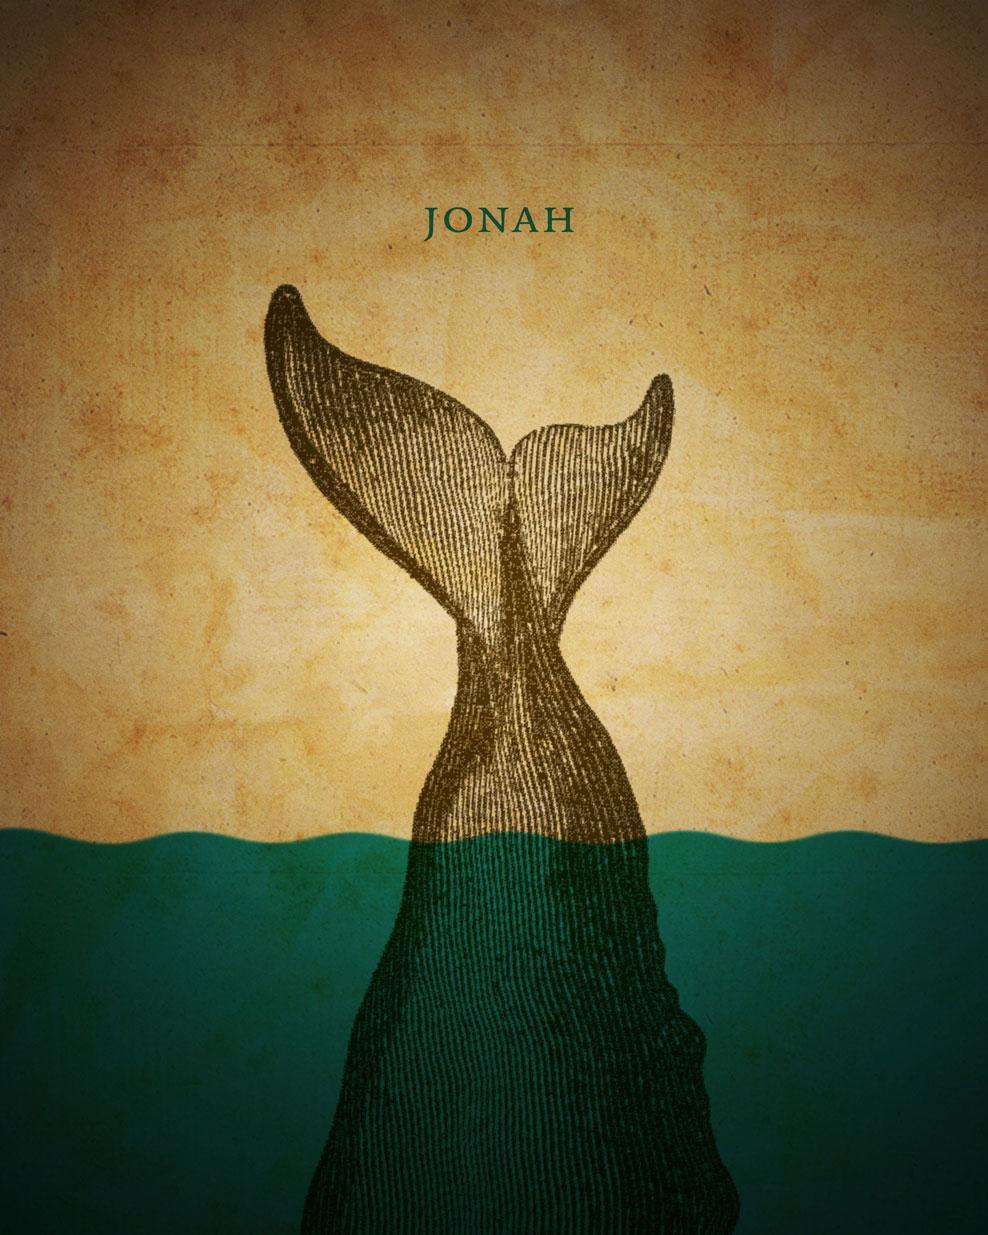 32-Jonah_Jim-LePage.jpg